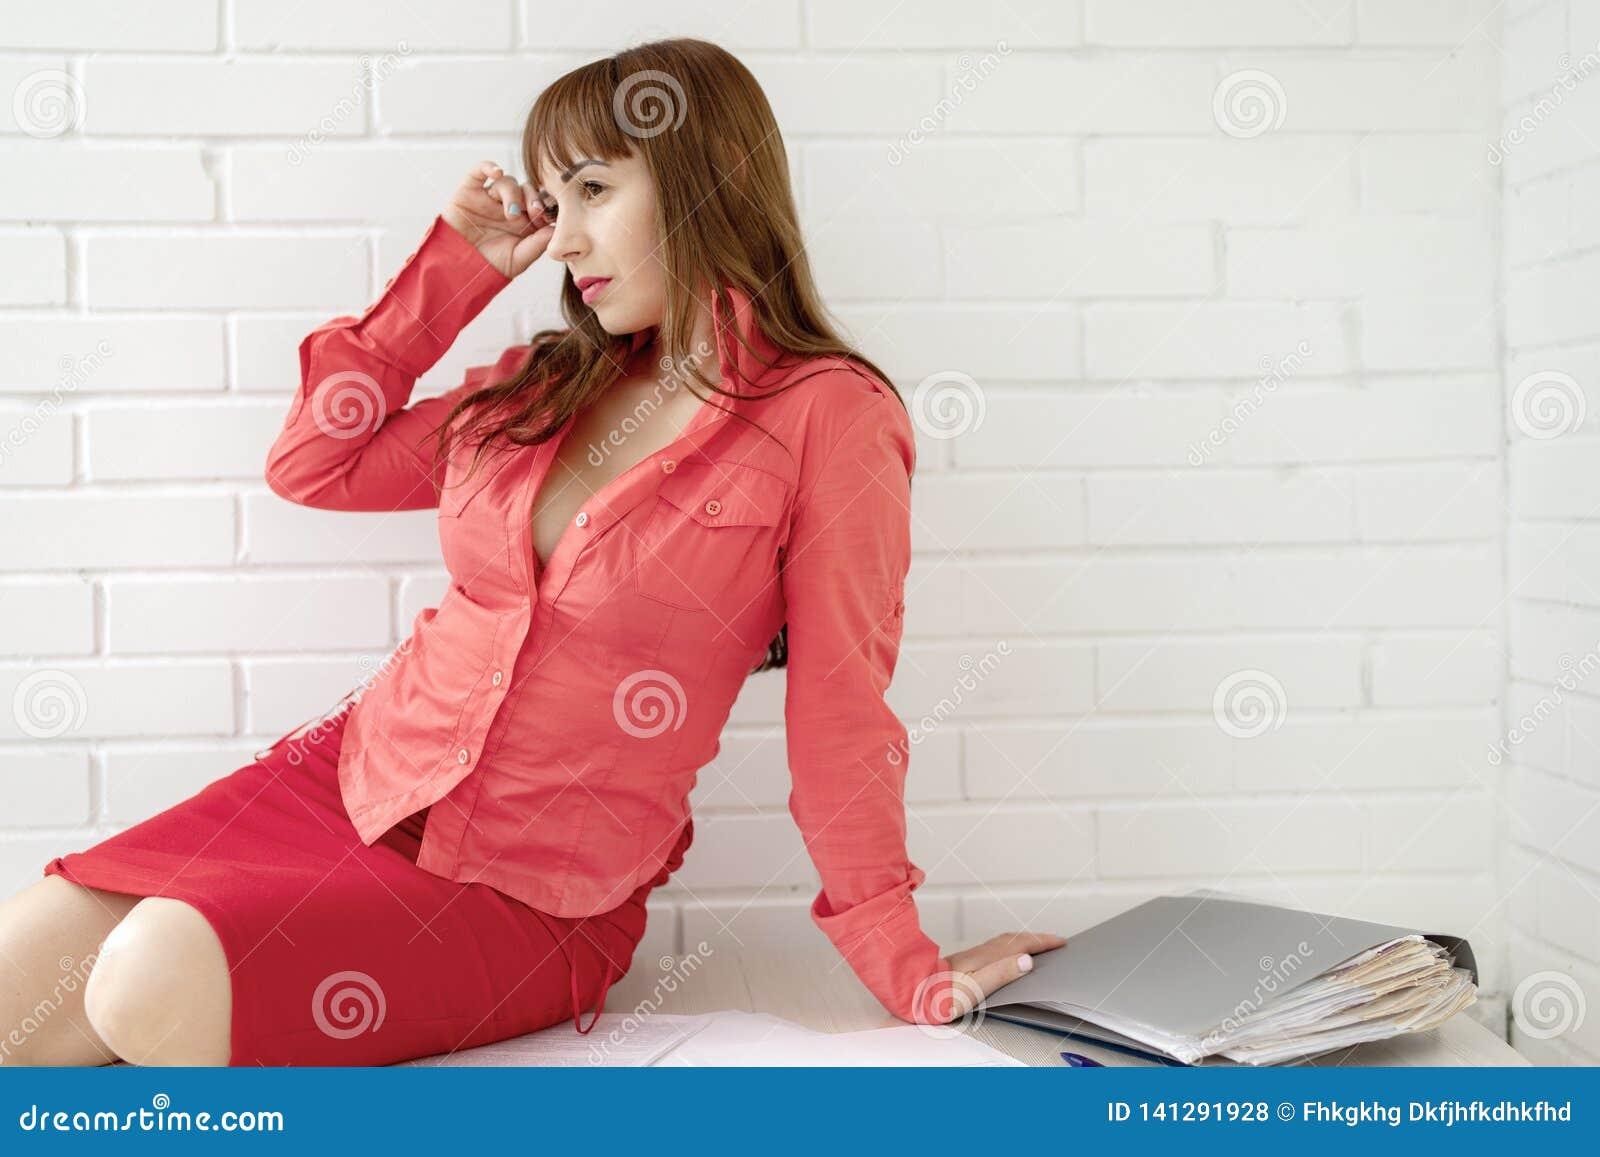 Πορτρέτο μιας όμορφης συνεδρίασης επιχειρησιακών κοριτσιών ρεσεψιονίστ στο γραφείο σε ένα άσπρο υπόβαθρο